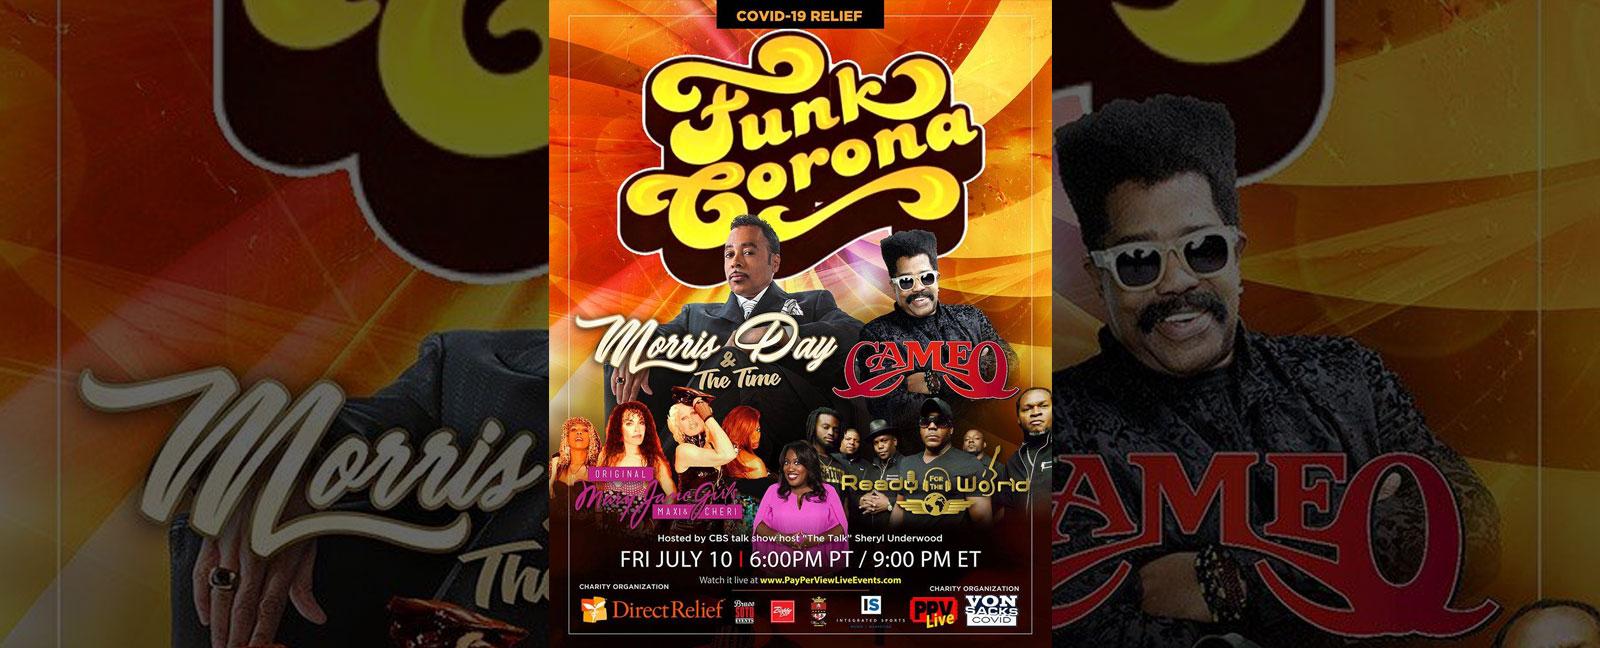 Funk Corona